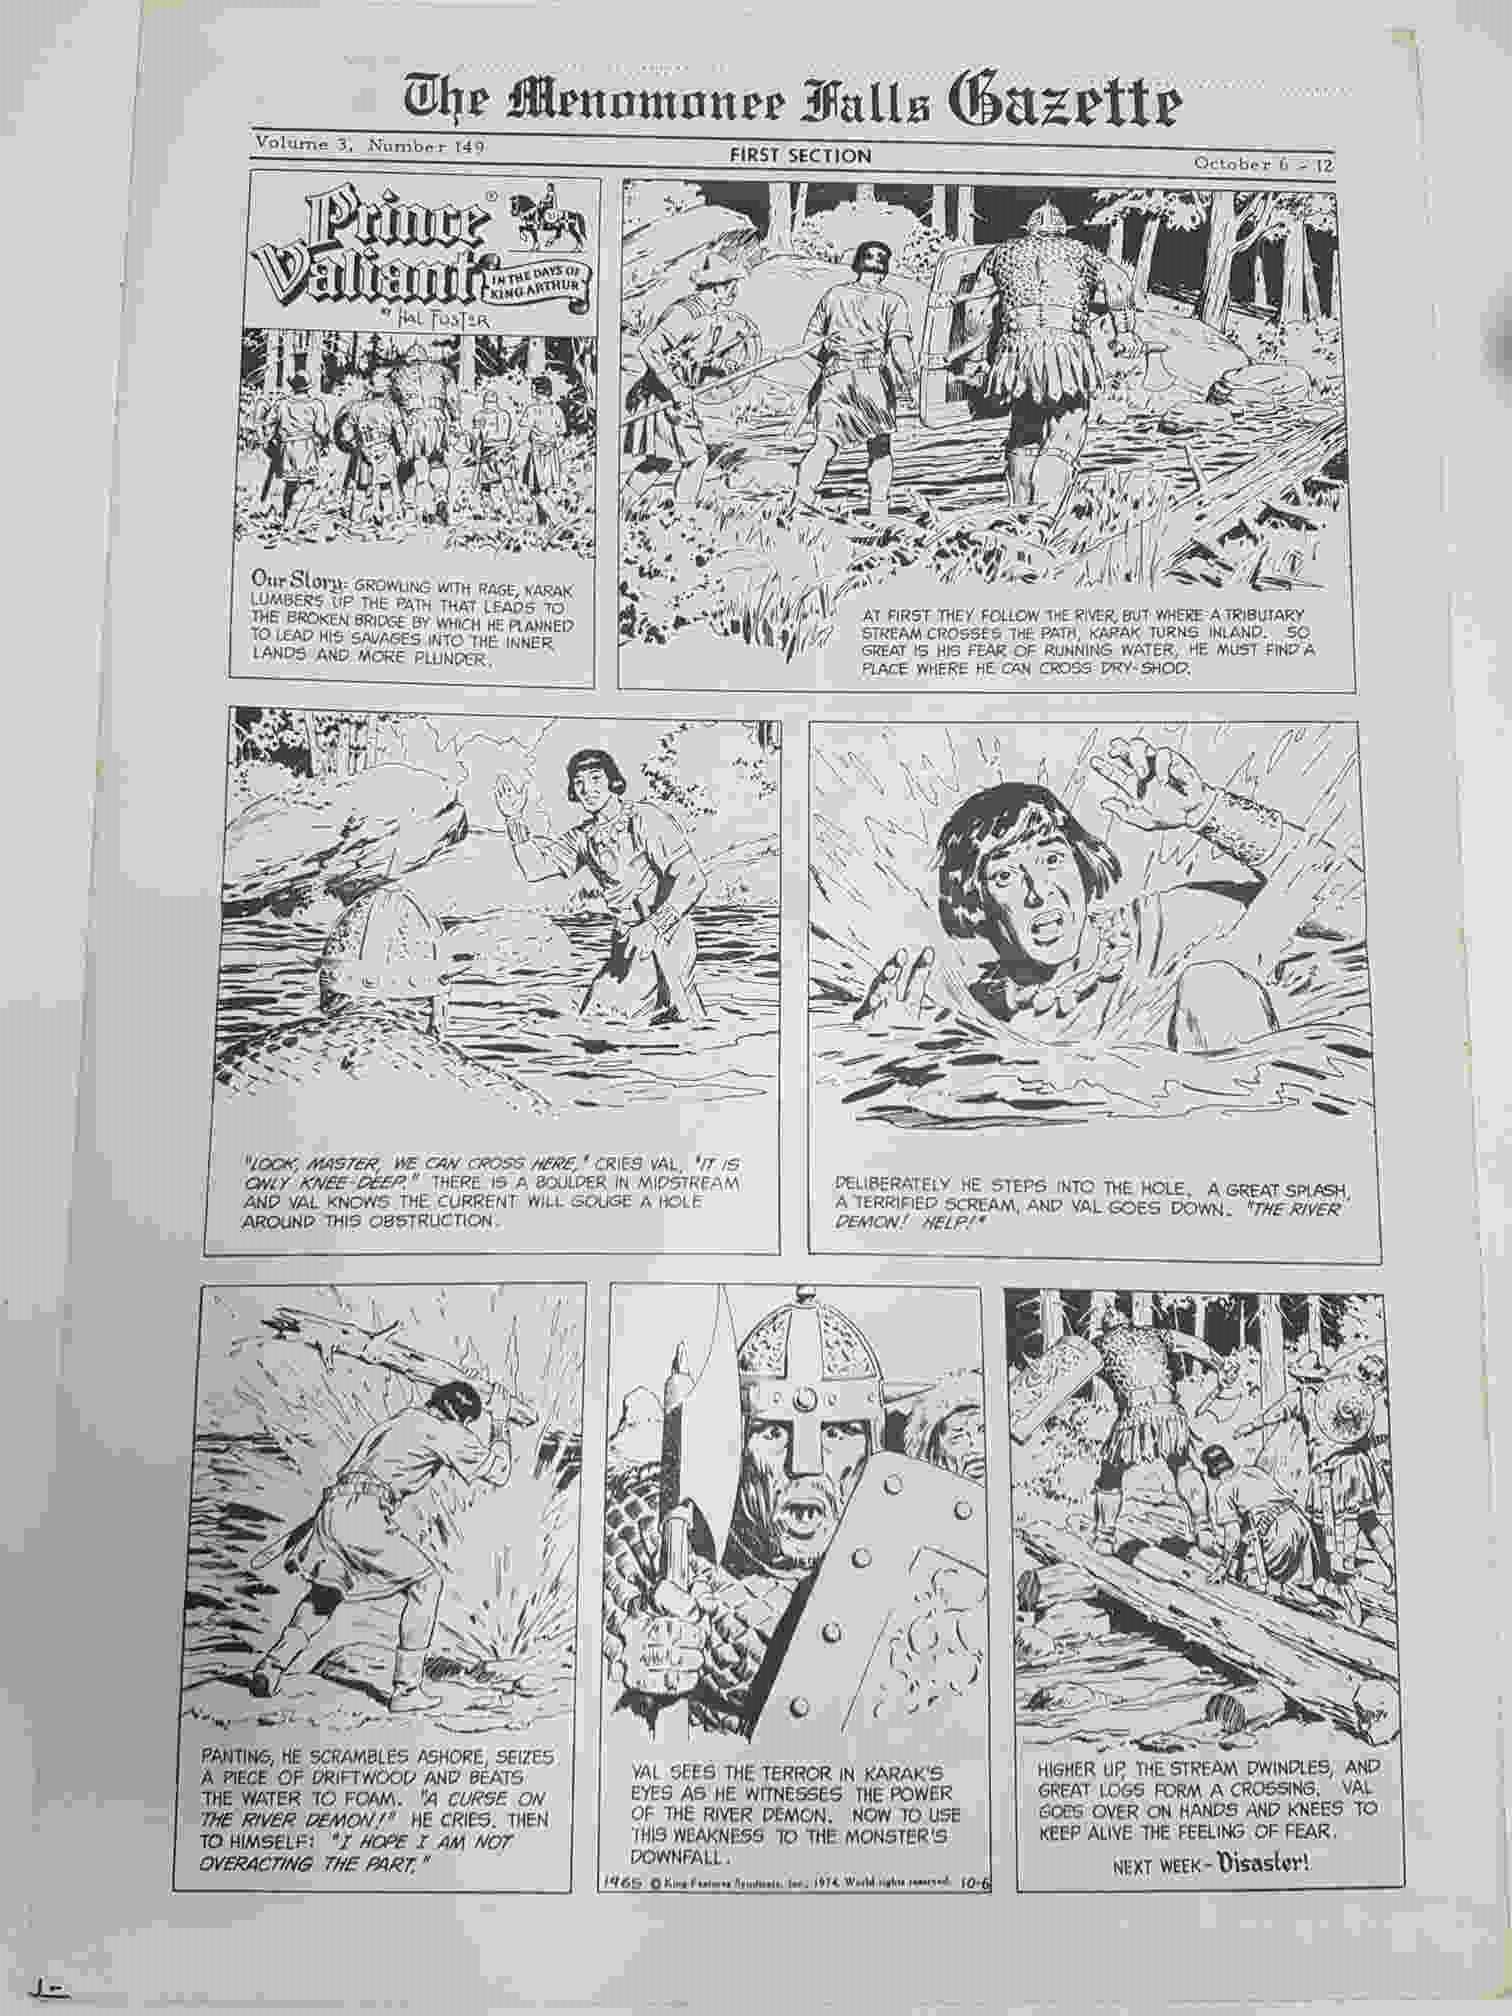 The Menomonee Falls Gazette Volumen 3 Numero 149 First Section (10.1974) - Descarga de libros electrónicos de Epub